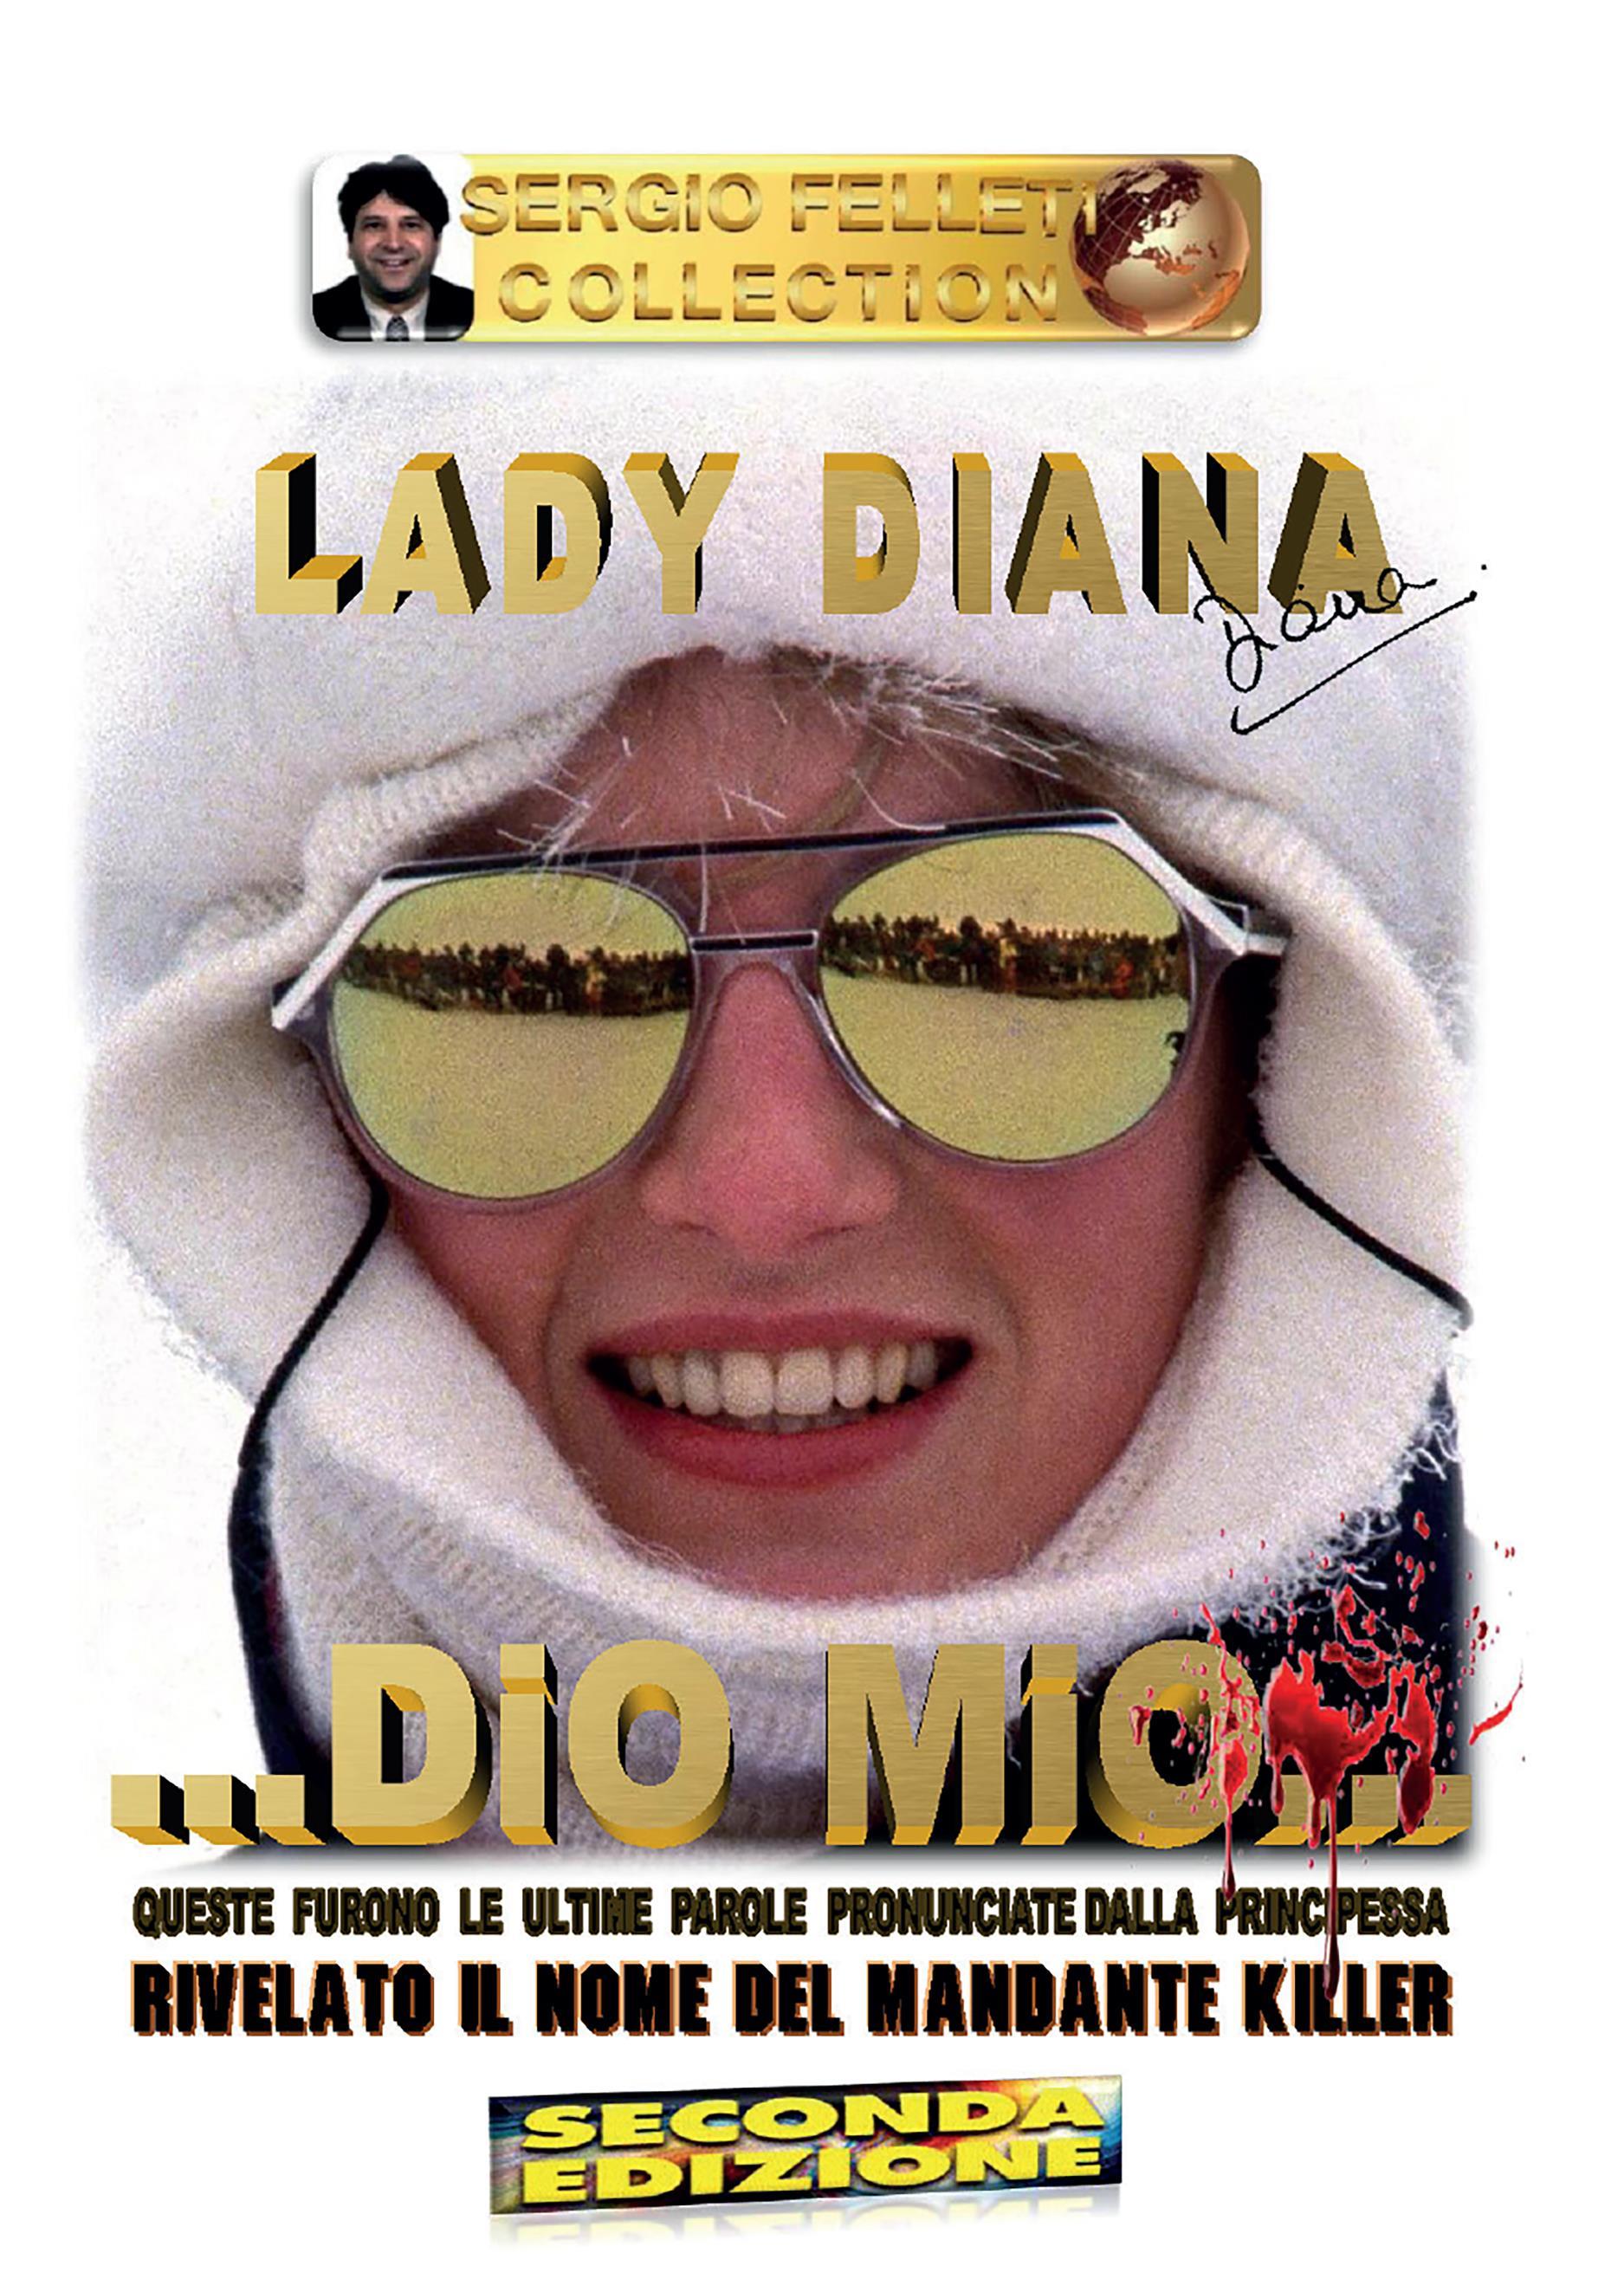 Lady Diana - Dio mio